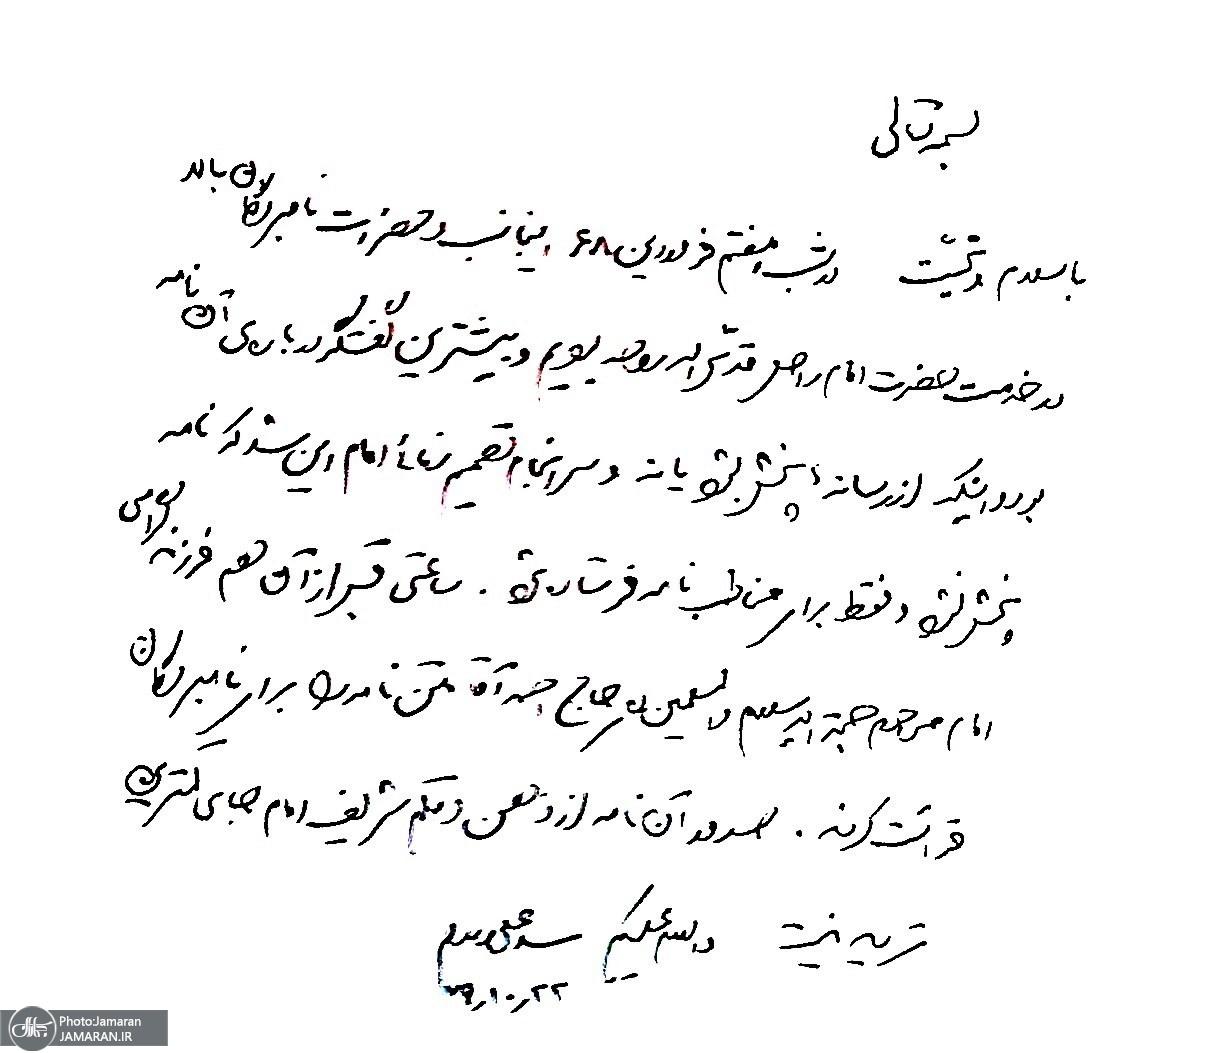 مستندات موسسه نشر آثار امام دربارهی اصالت دو نامه امام خمینی